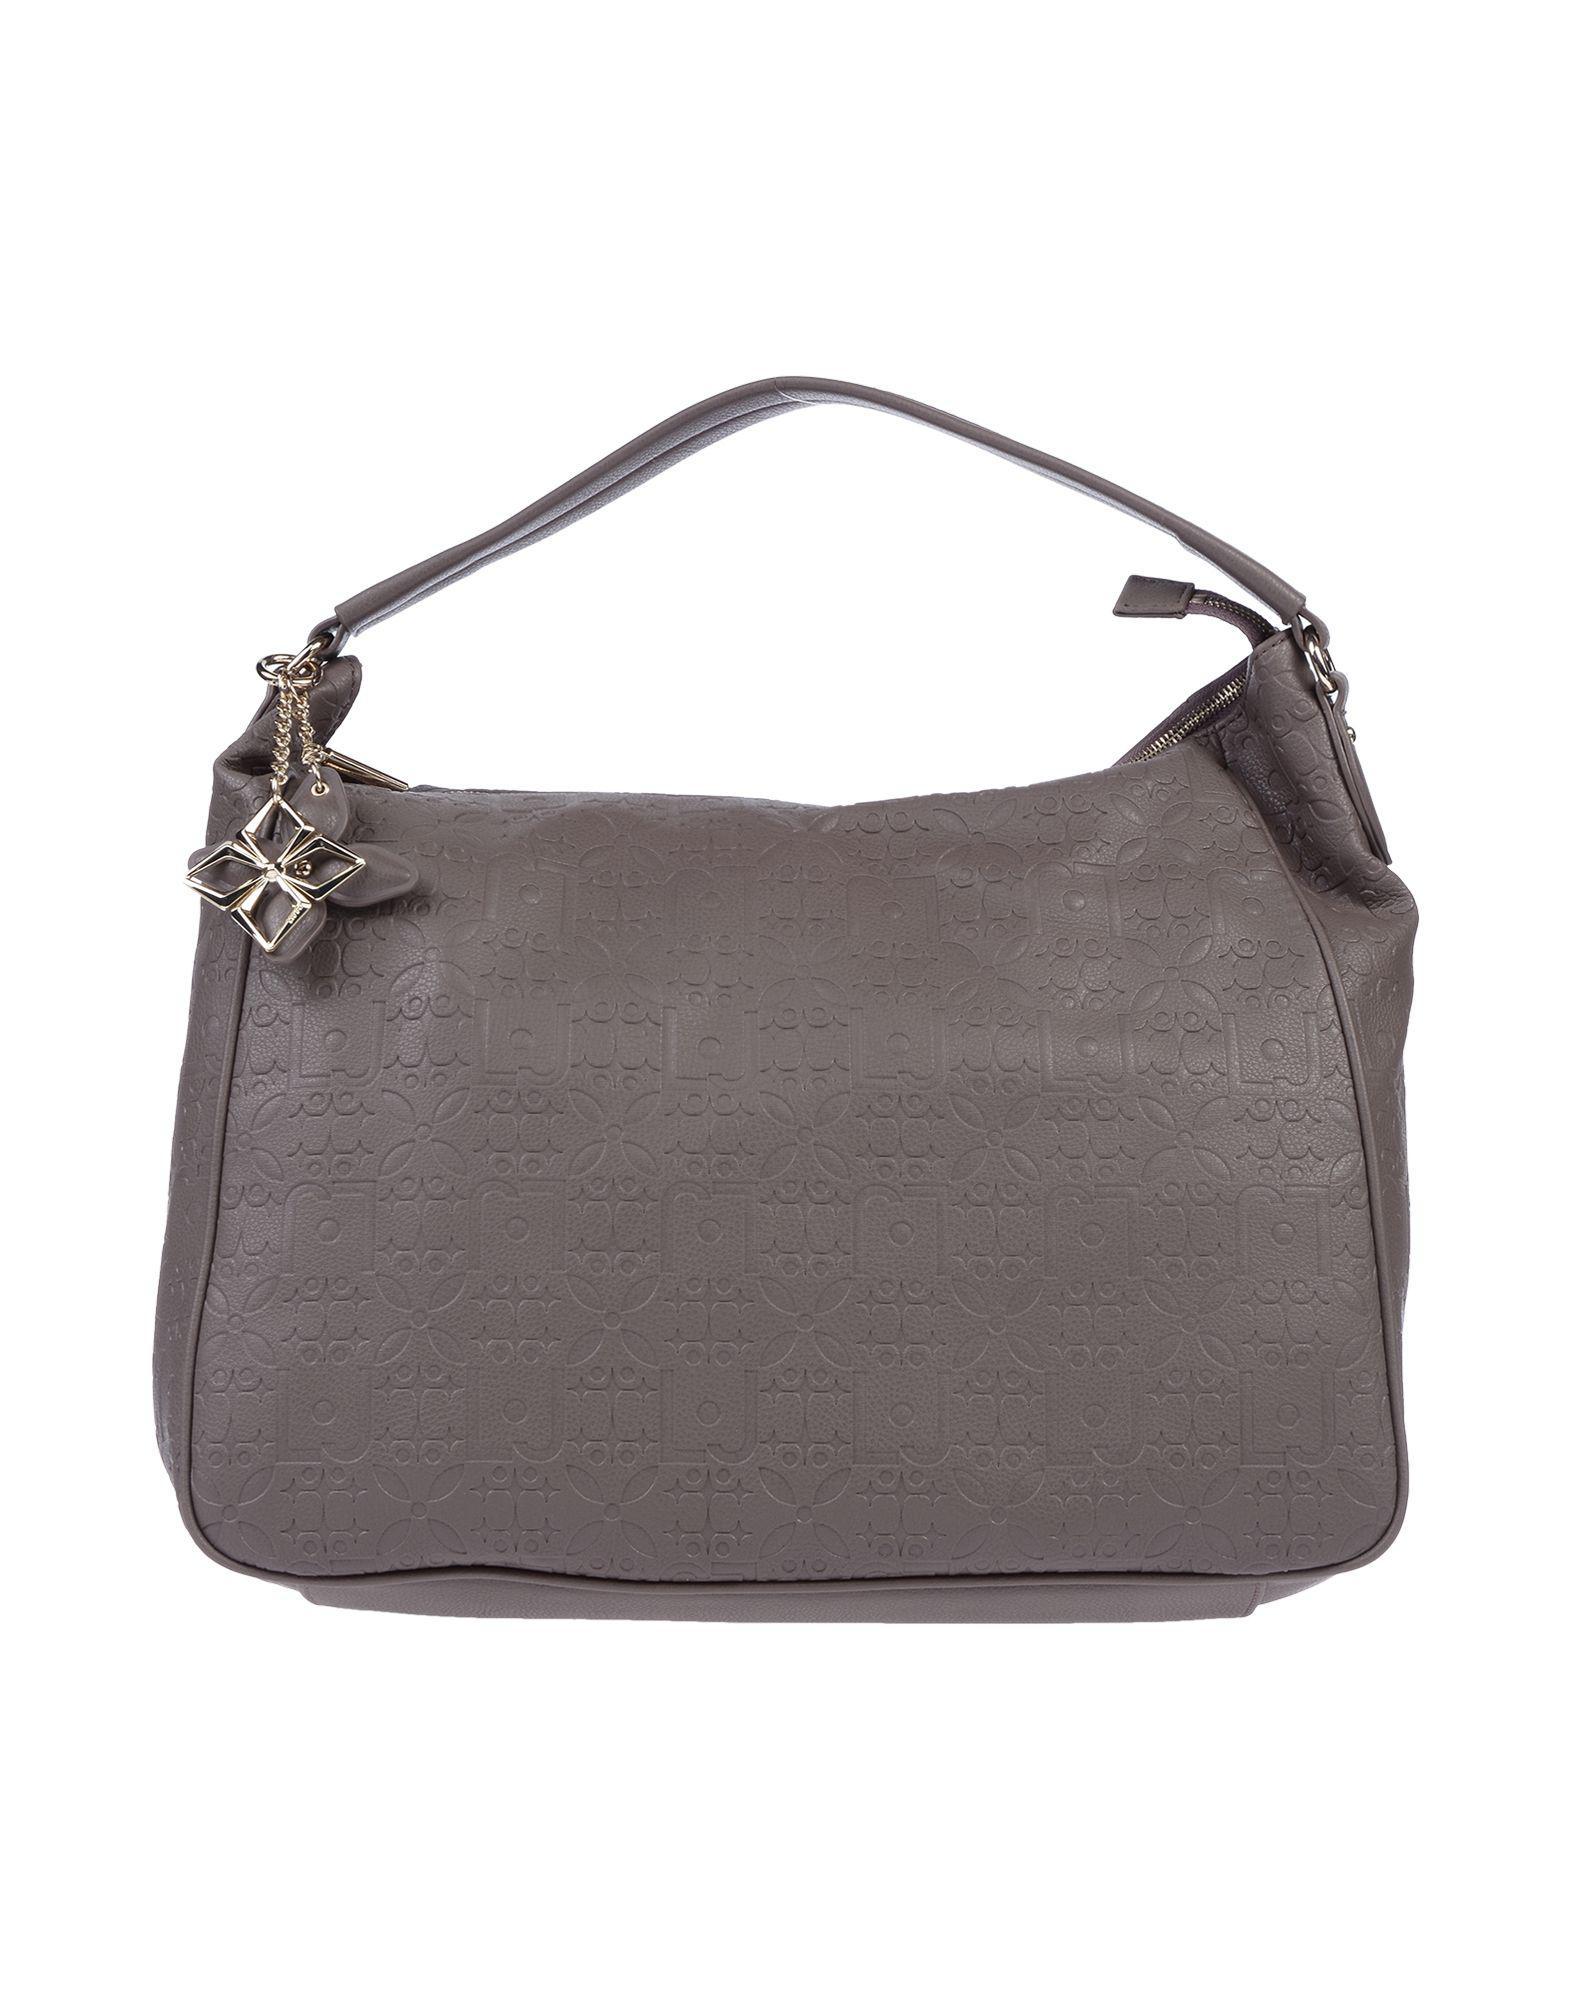 Liu Jo Handbag in Gray - Lyst ca65a903cbf